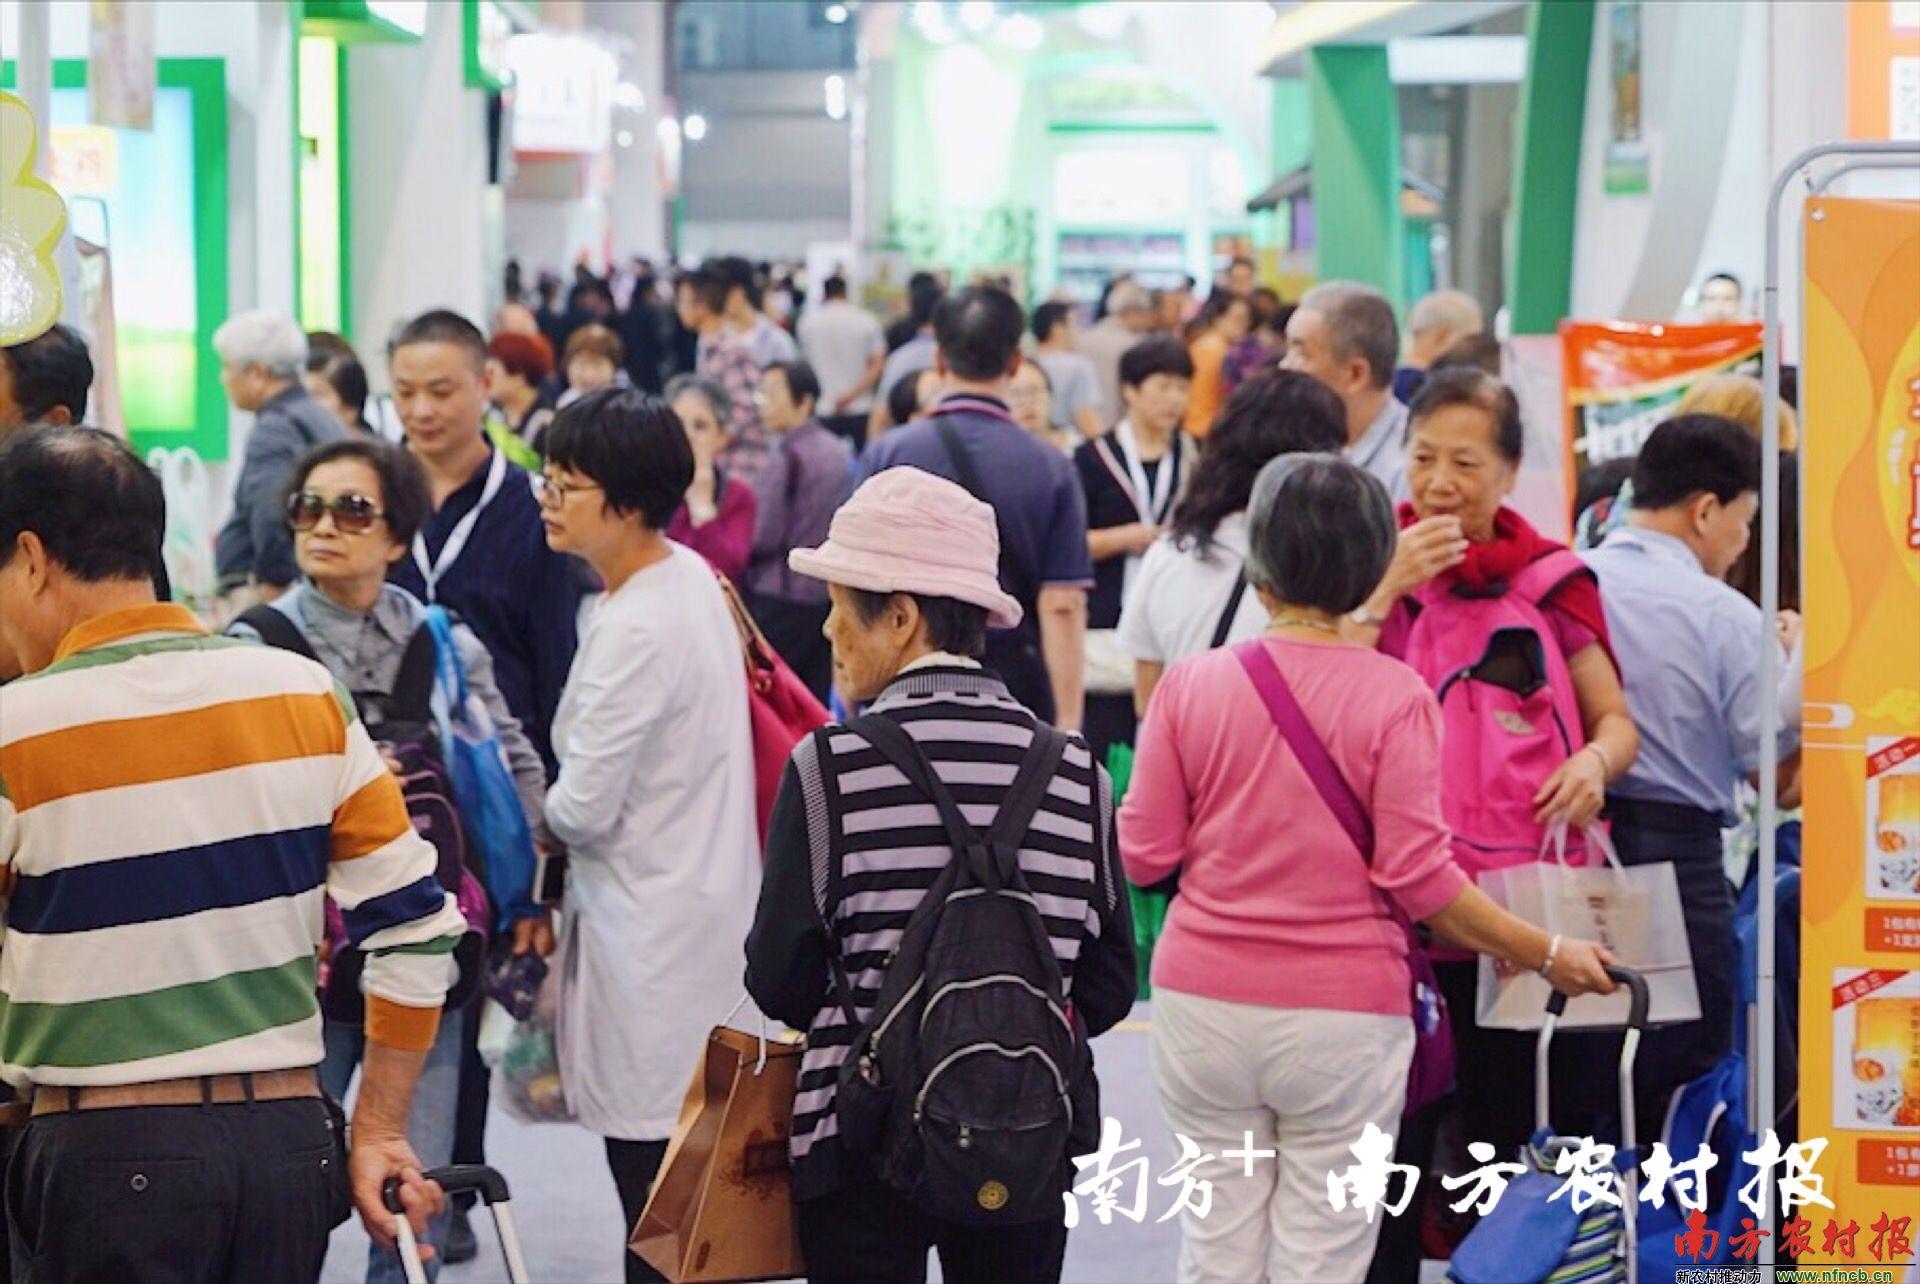 参观人次创新高 现场贸易翻一番,第九届广东现代农业博览会完美收官